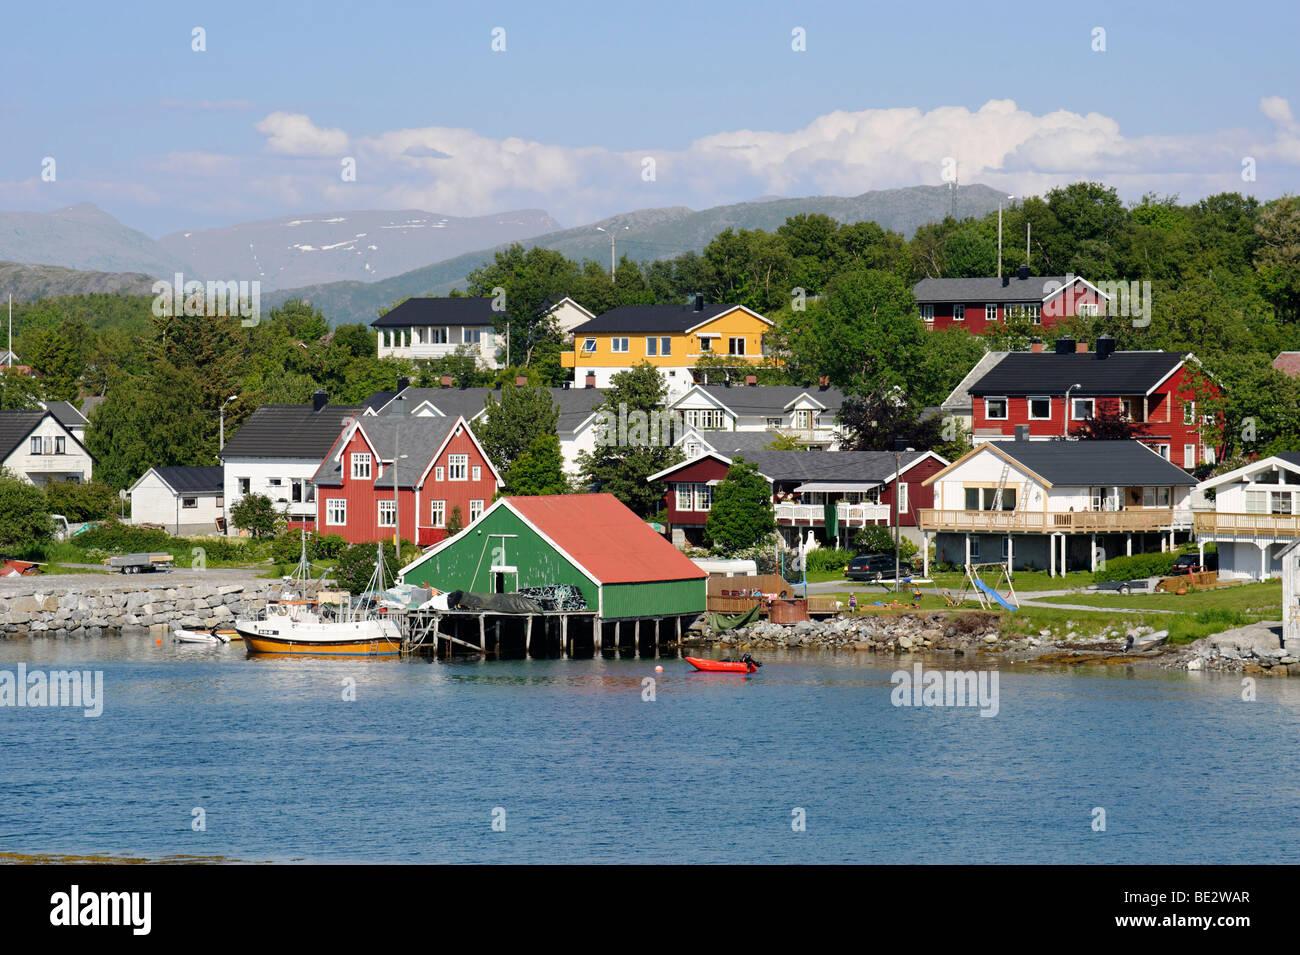 Bronnoysund, Norway, Scandinavia, Europe - Stock Image